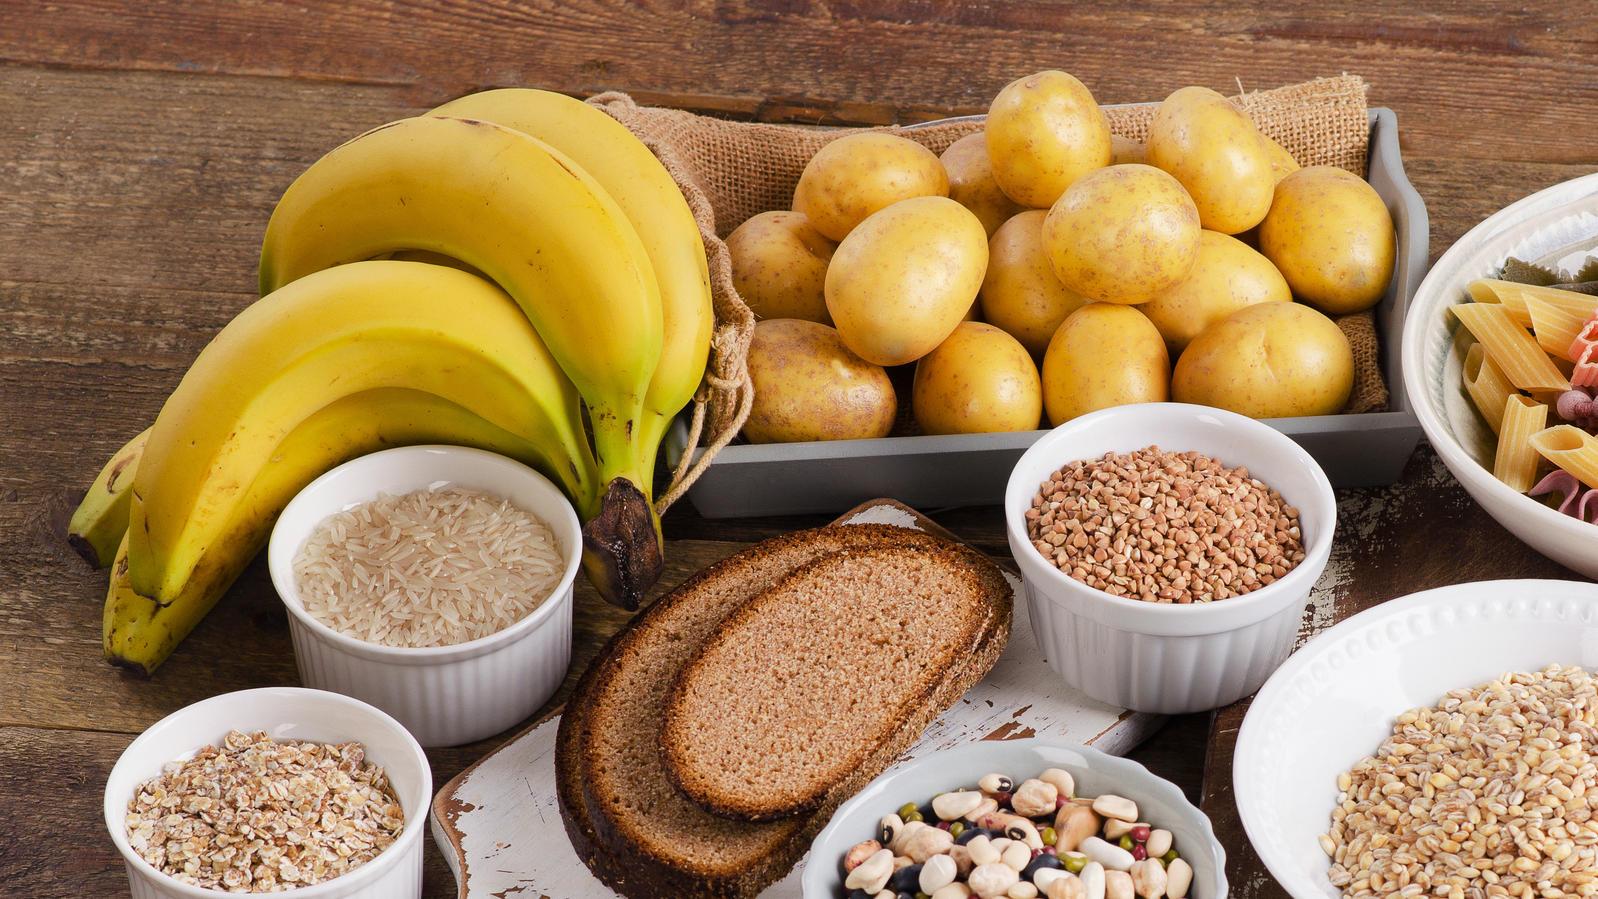 Lebensmittel mit überraschend vielen Kohlenhydraten